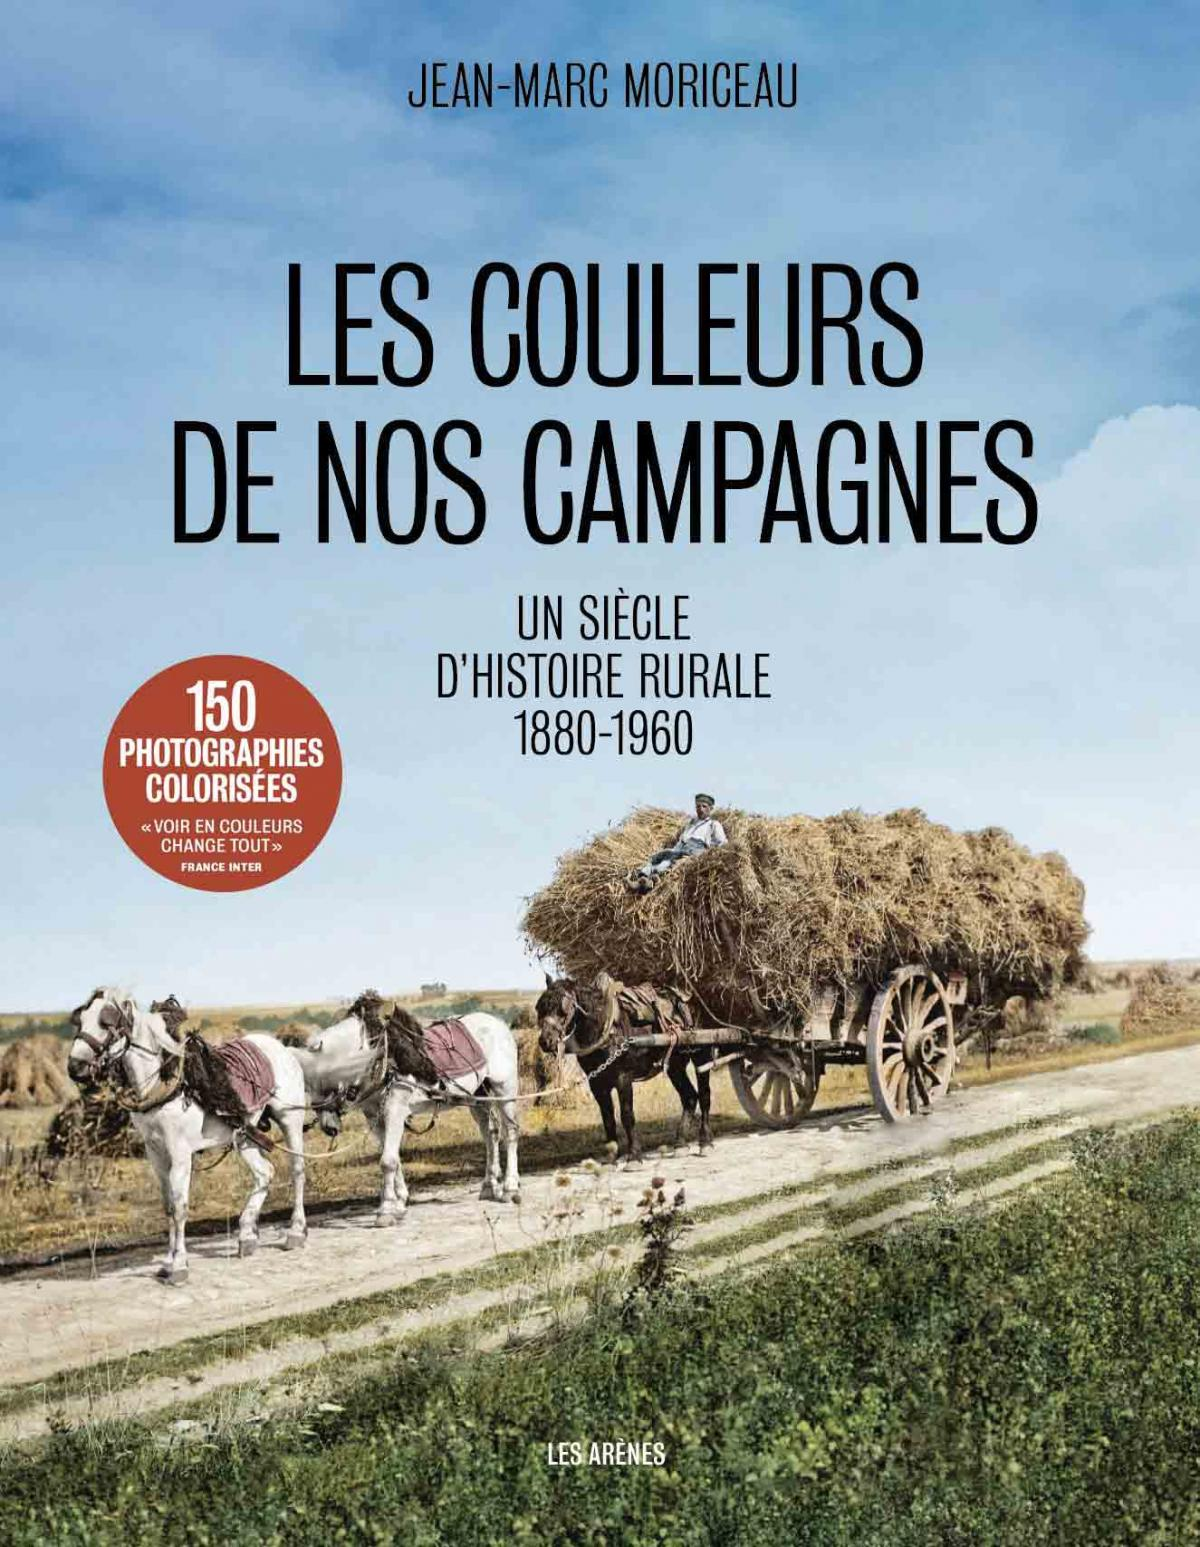 Les couleurs de nos campagnes de Jean-Marc Moriceau